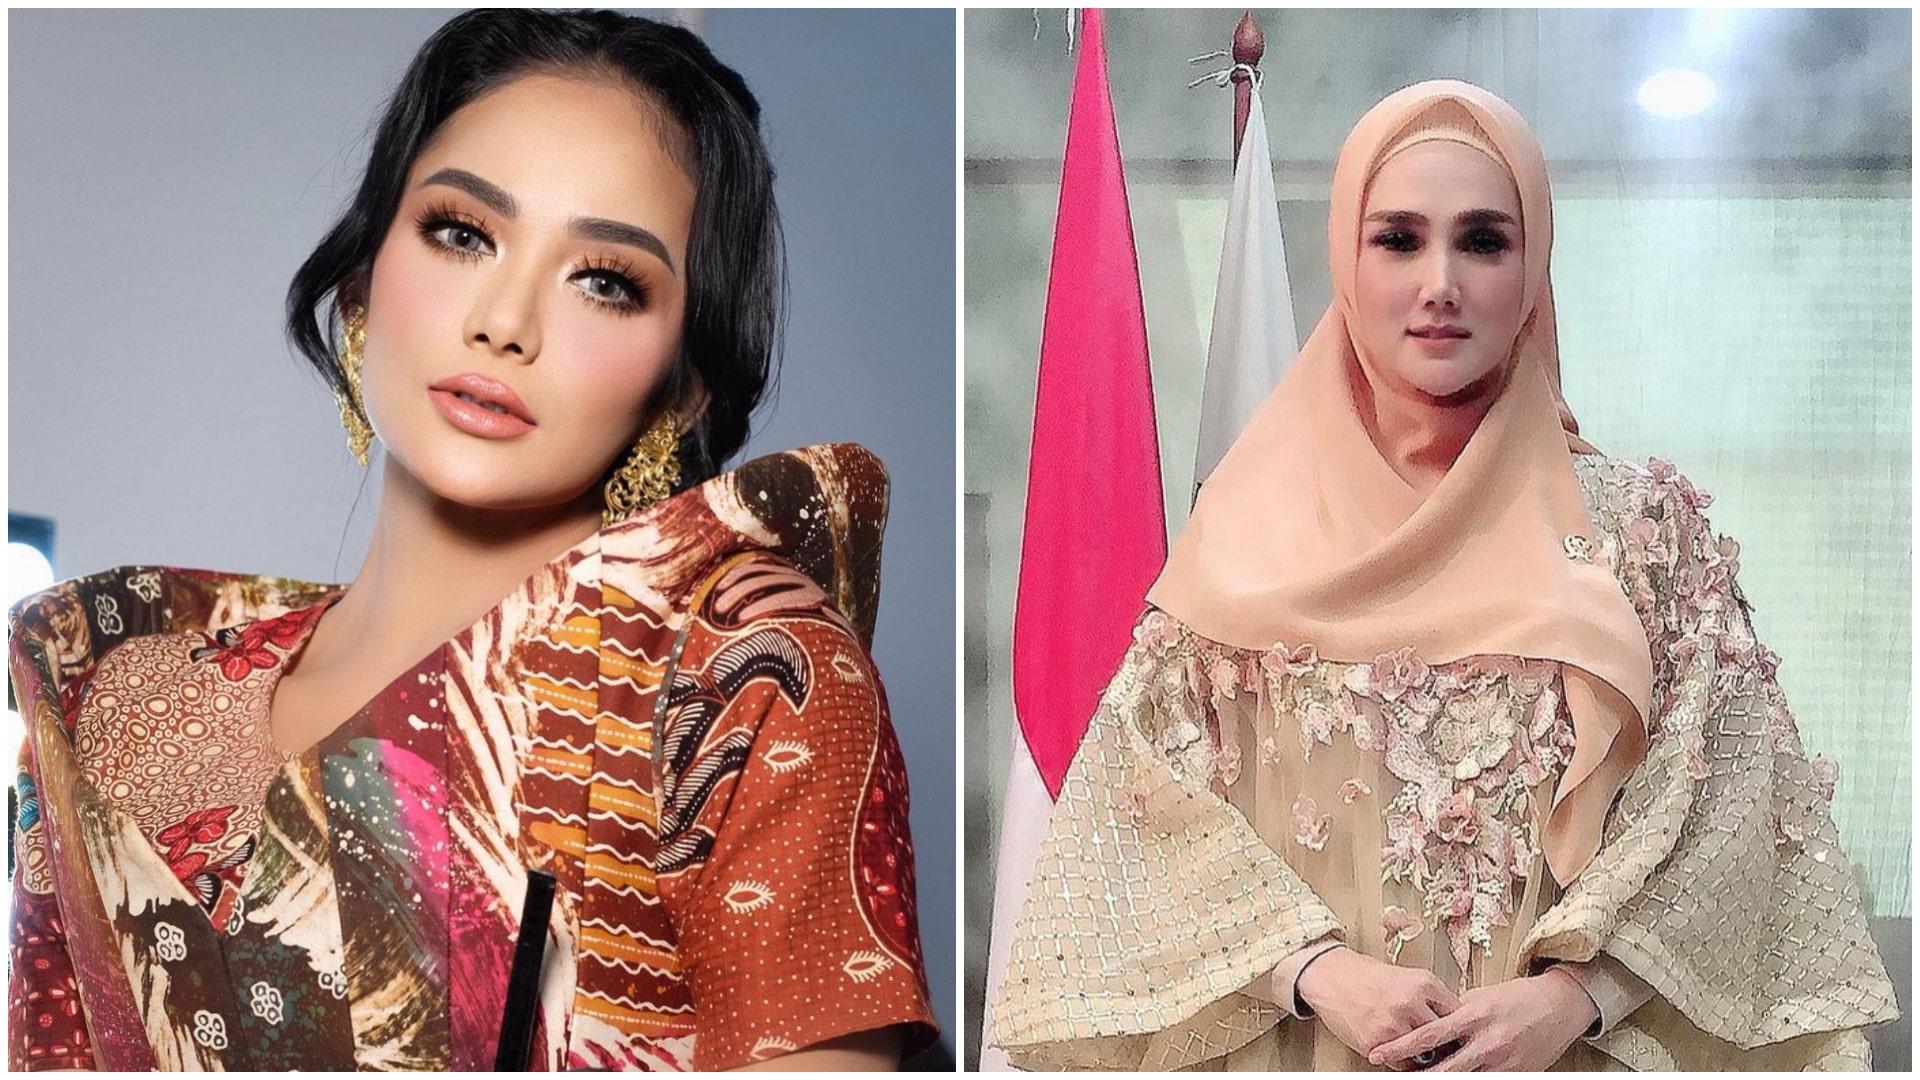 Krisdayanti Bocorkan Gaji DPR hingga Ratusan Juta Rupiah, Ini Deretan Artis yang jadi Anggota Dewan